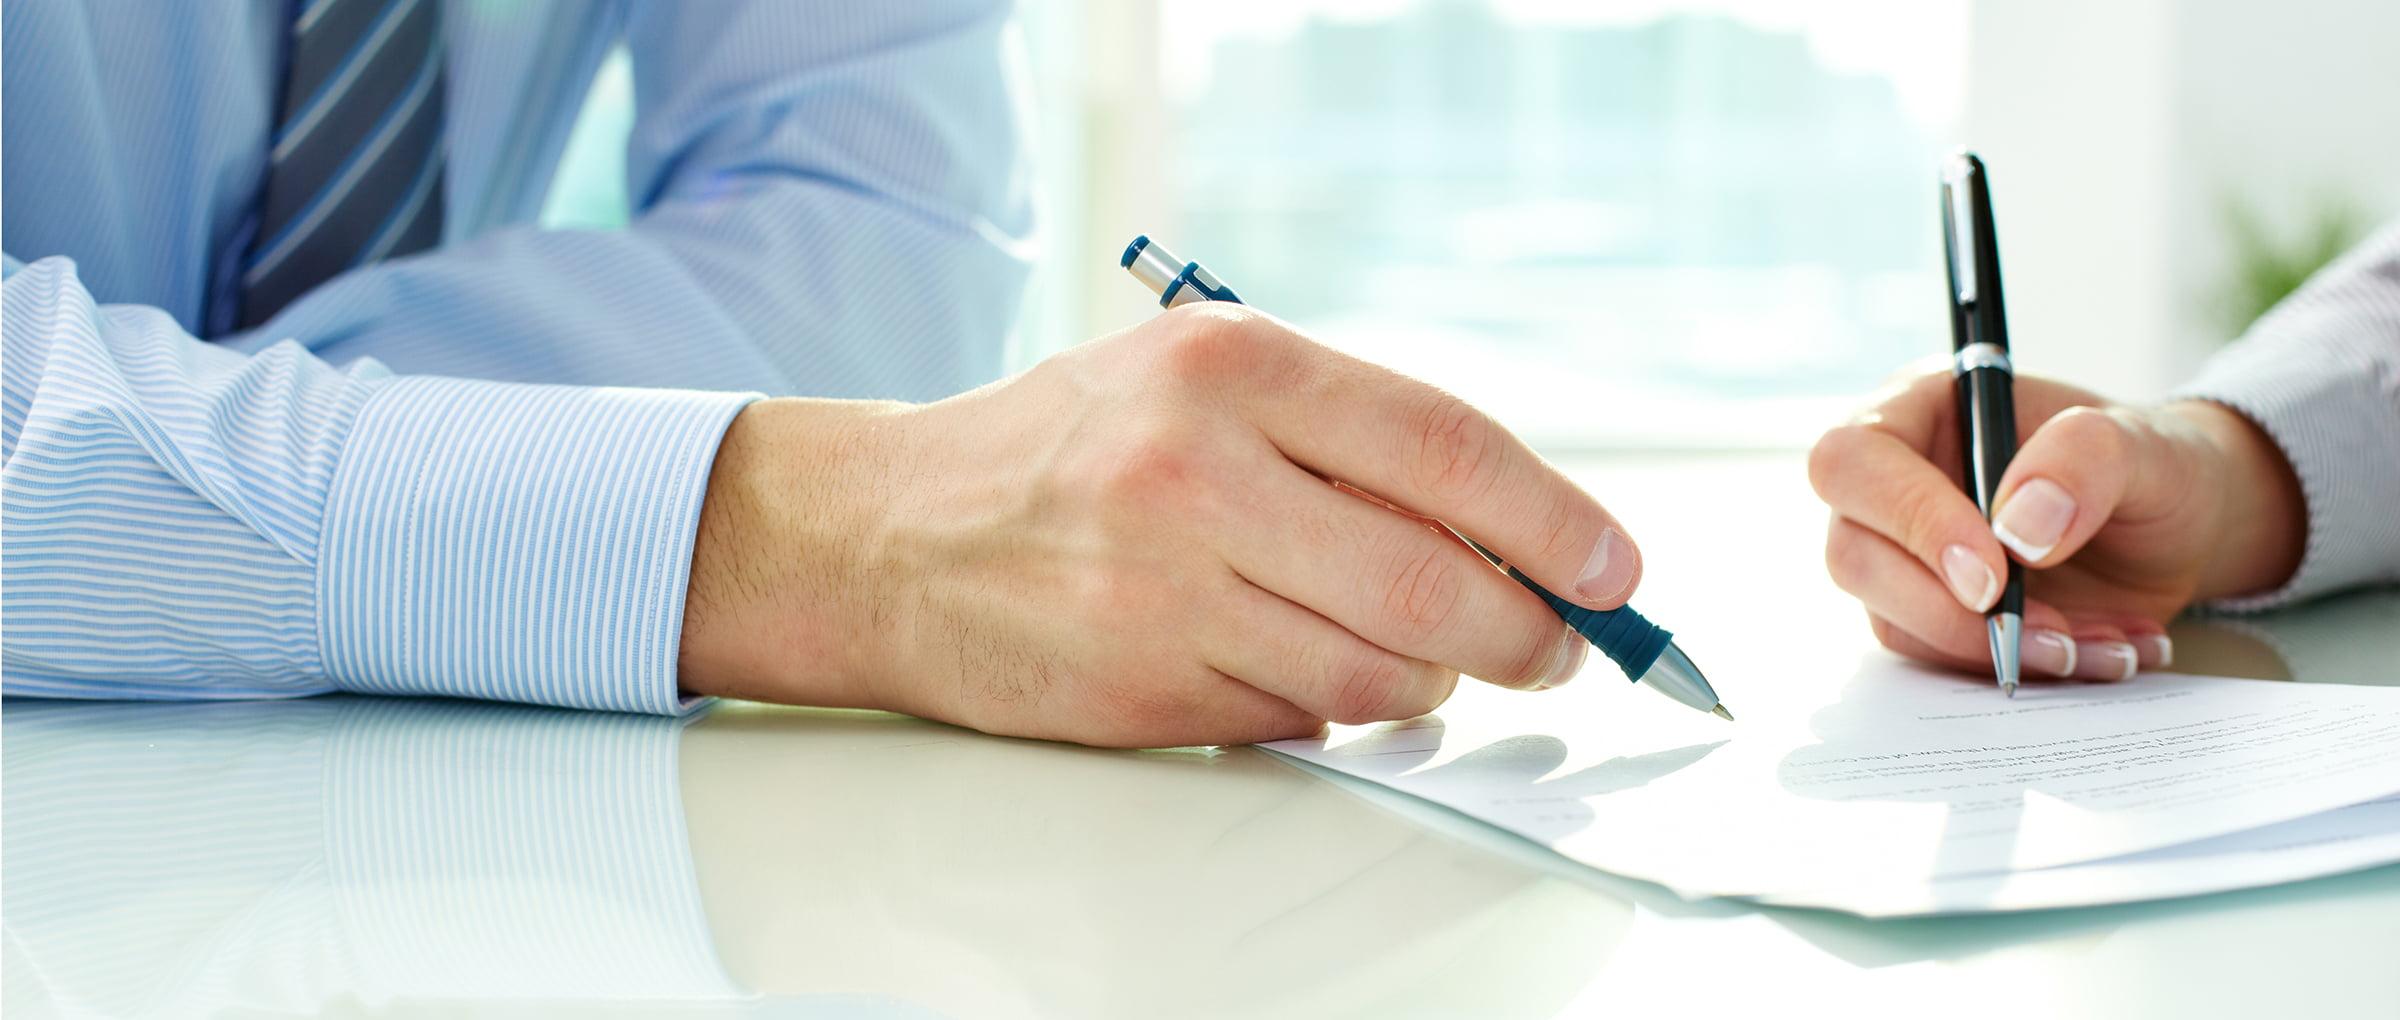 Firmar consentimiento para acceder al tratamiento